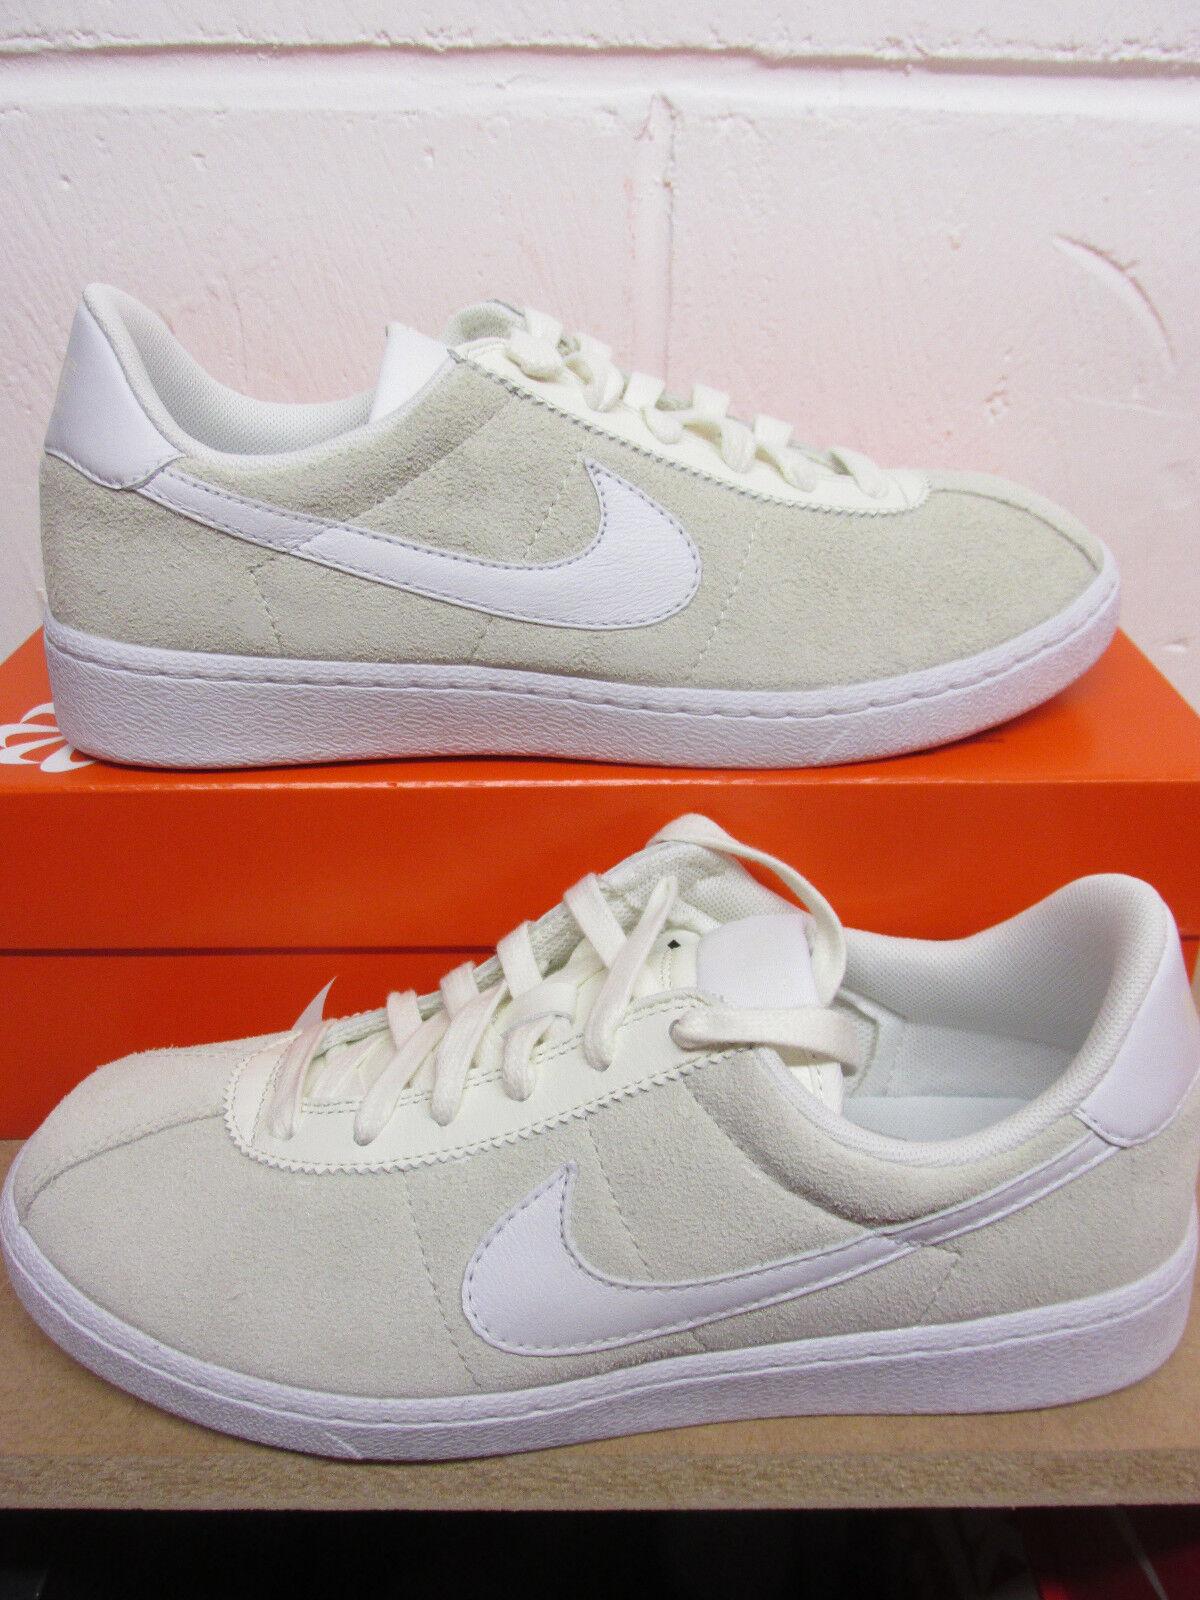 Nike Bruin Baskets Hommes 845056 101 Baskets